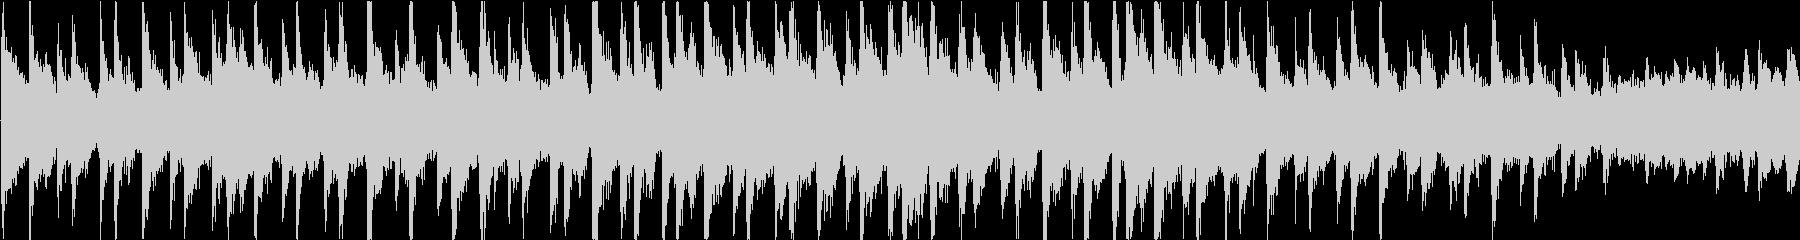 無機質でミステリアスなアンビエントの未再生の波形